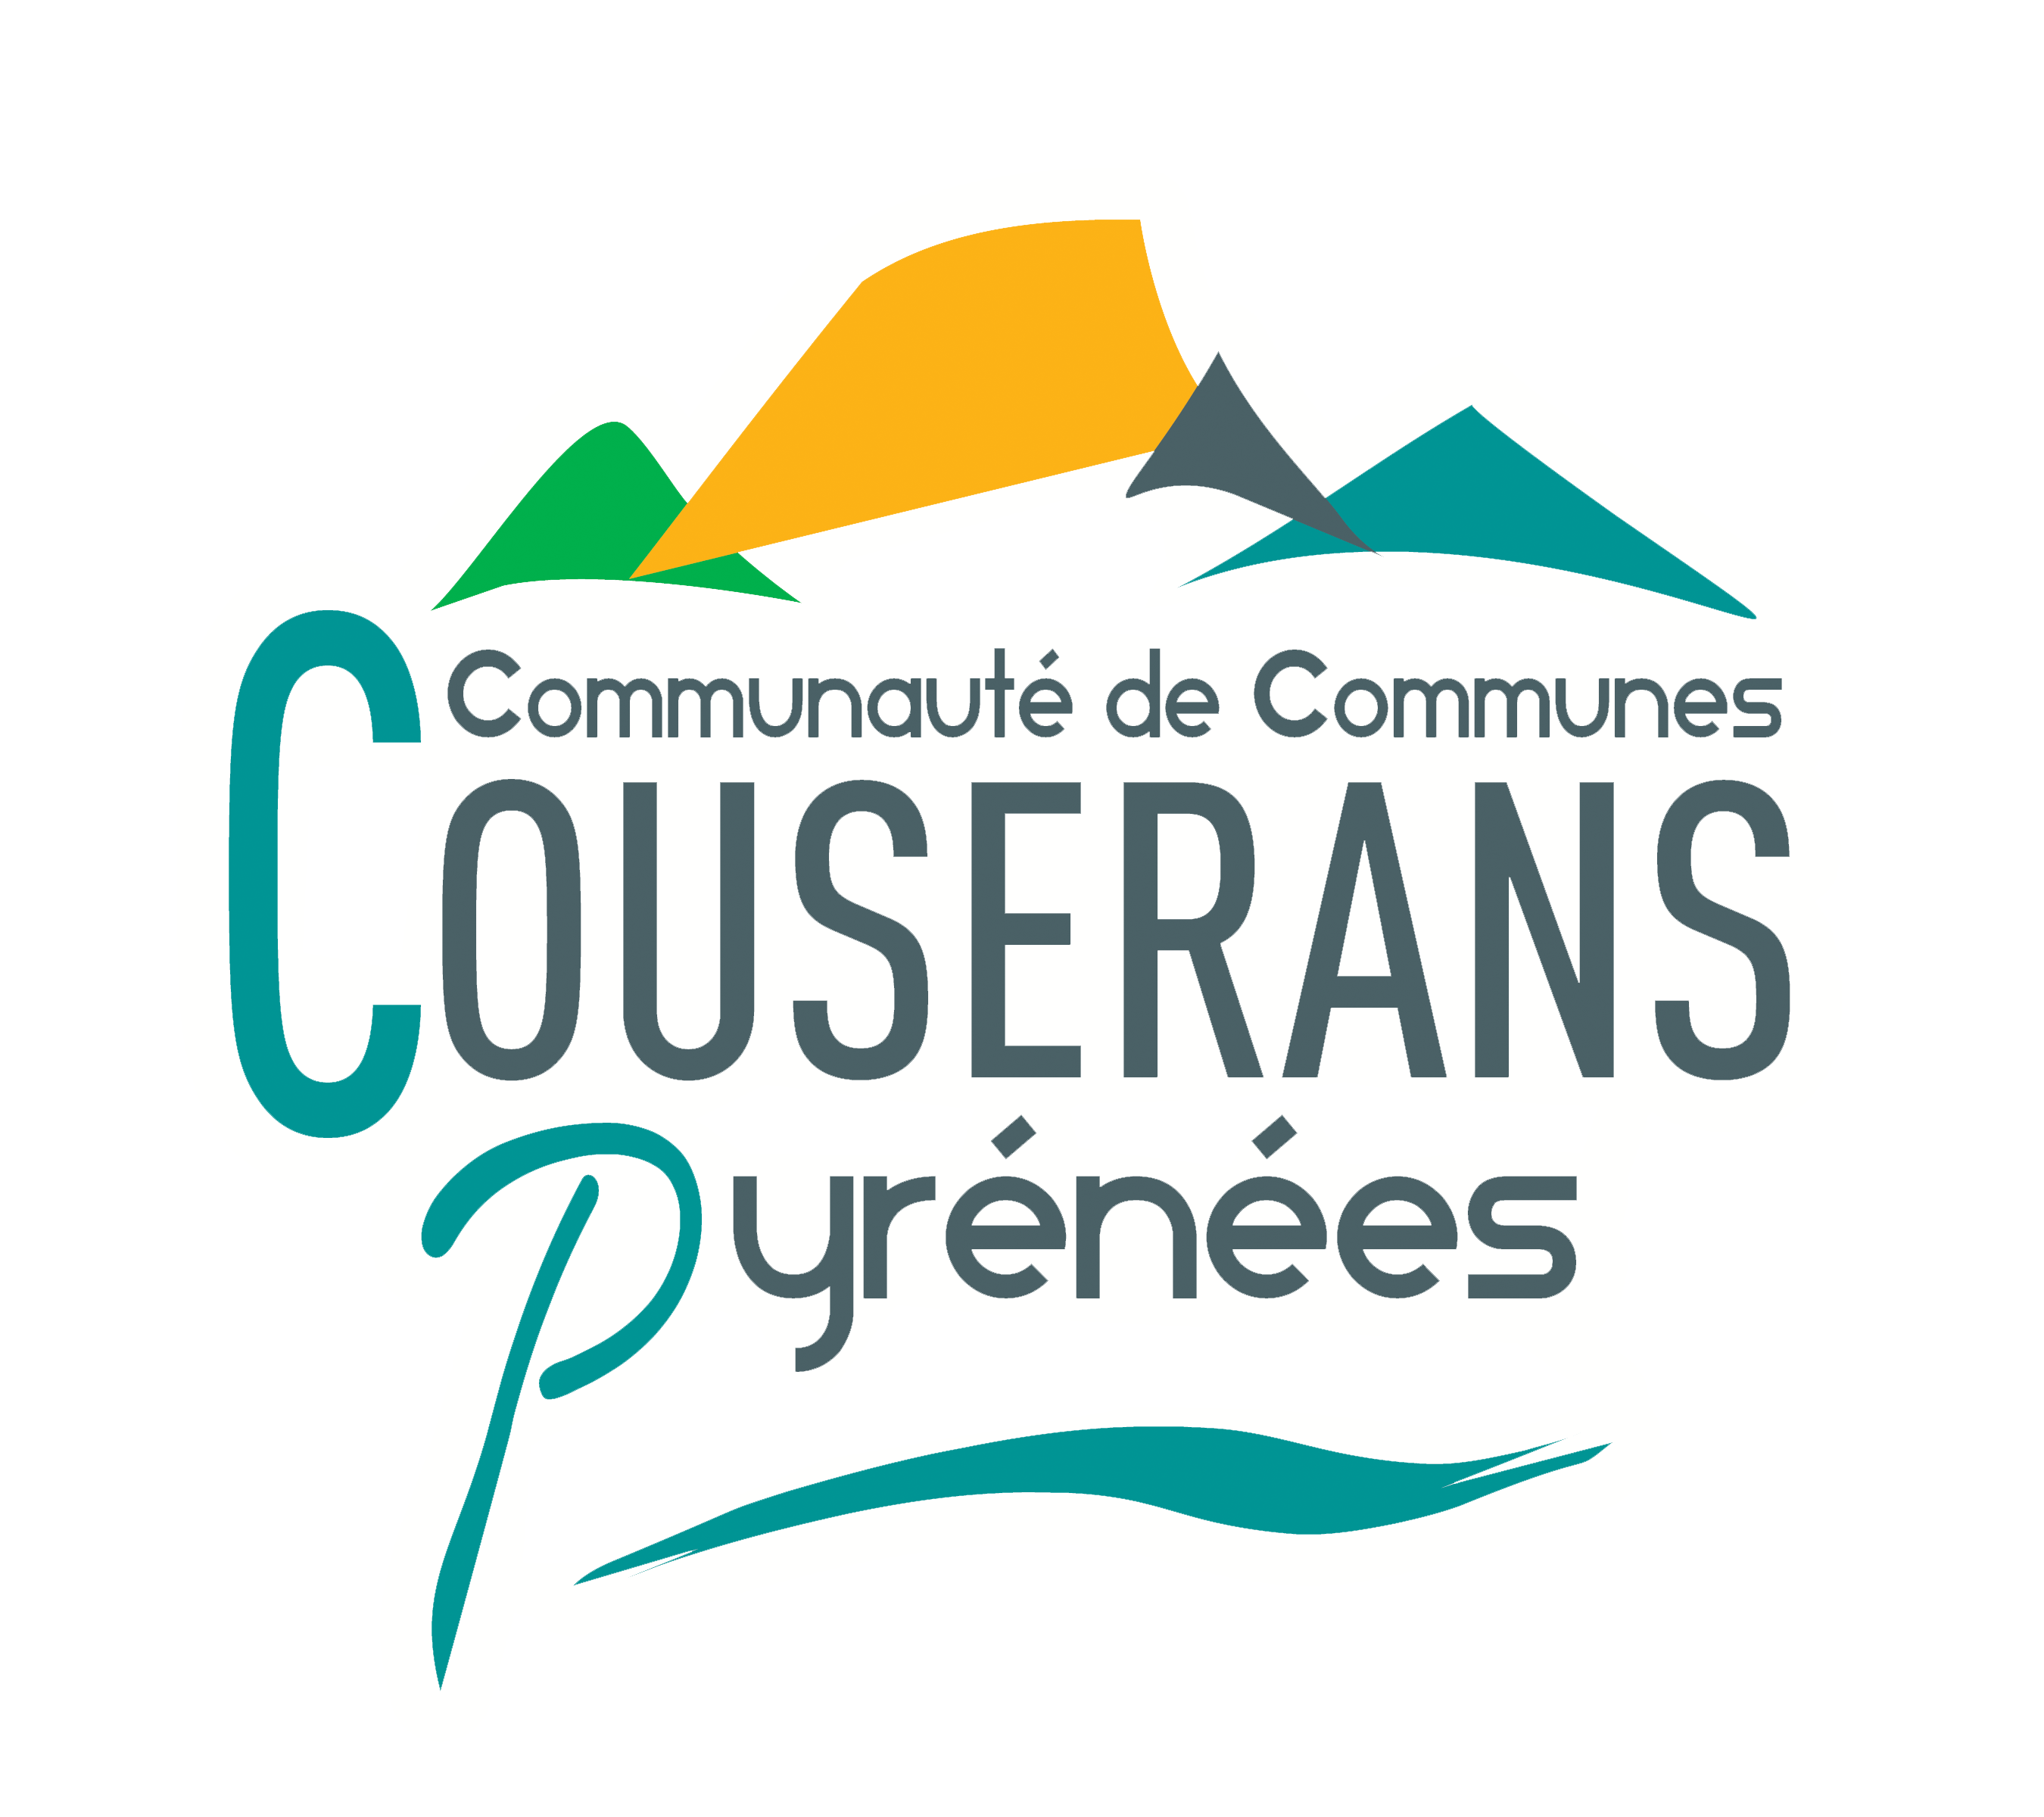 Communauté de Communes Couserans-Pyrénées